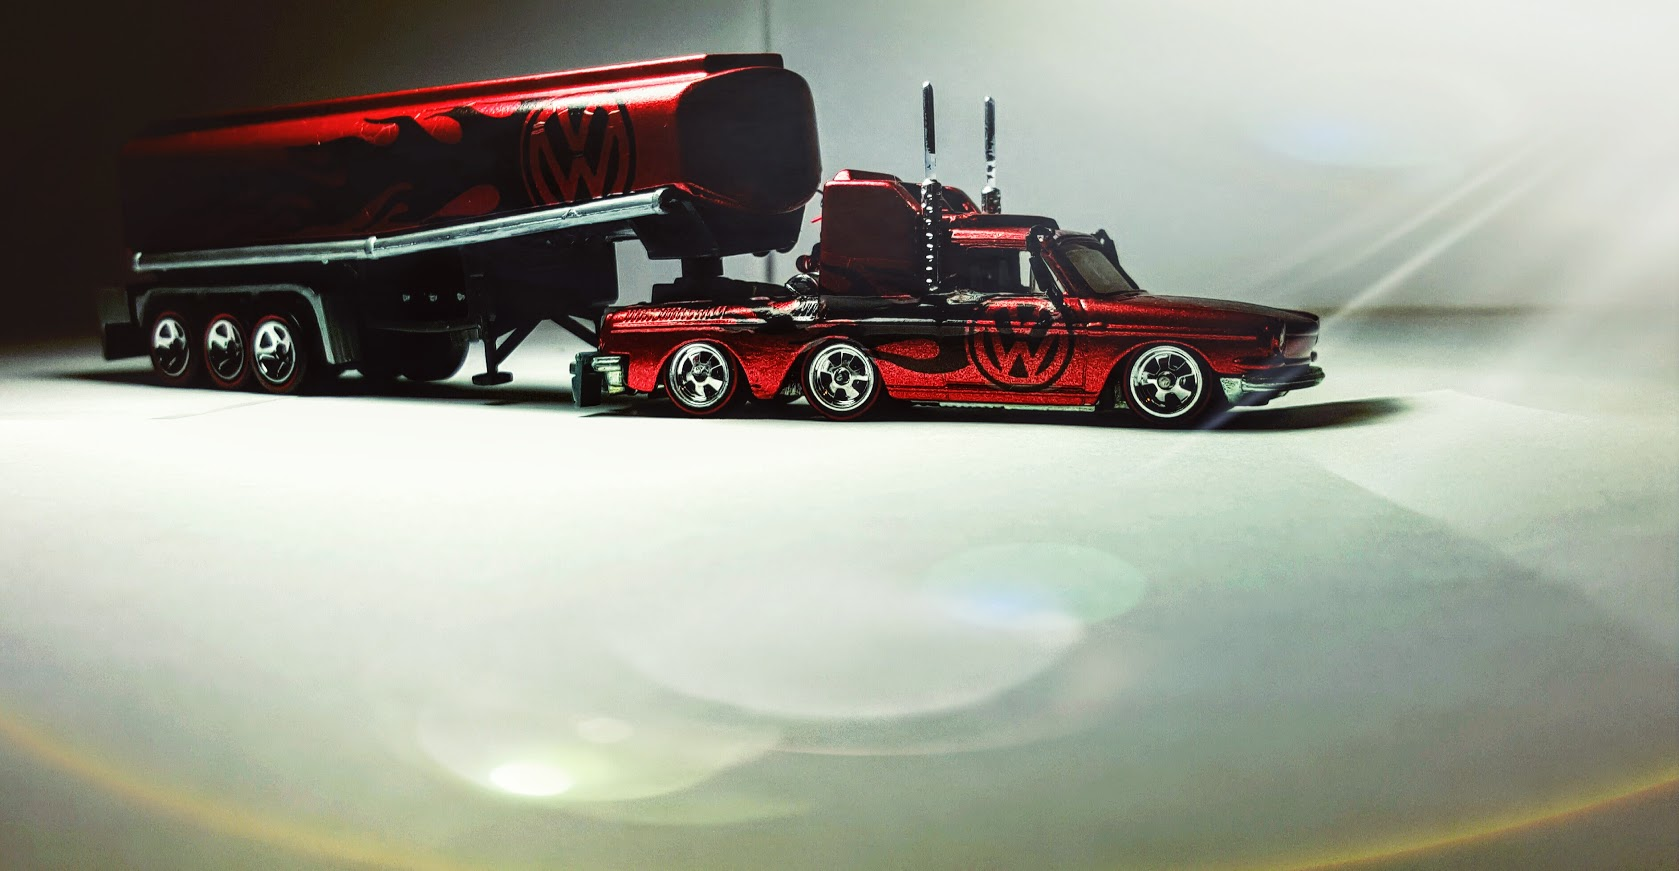 Volkswagen Squareback Tanker